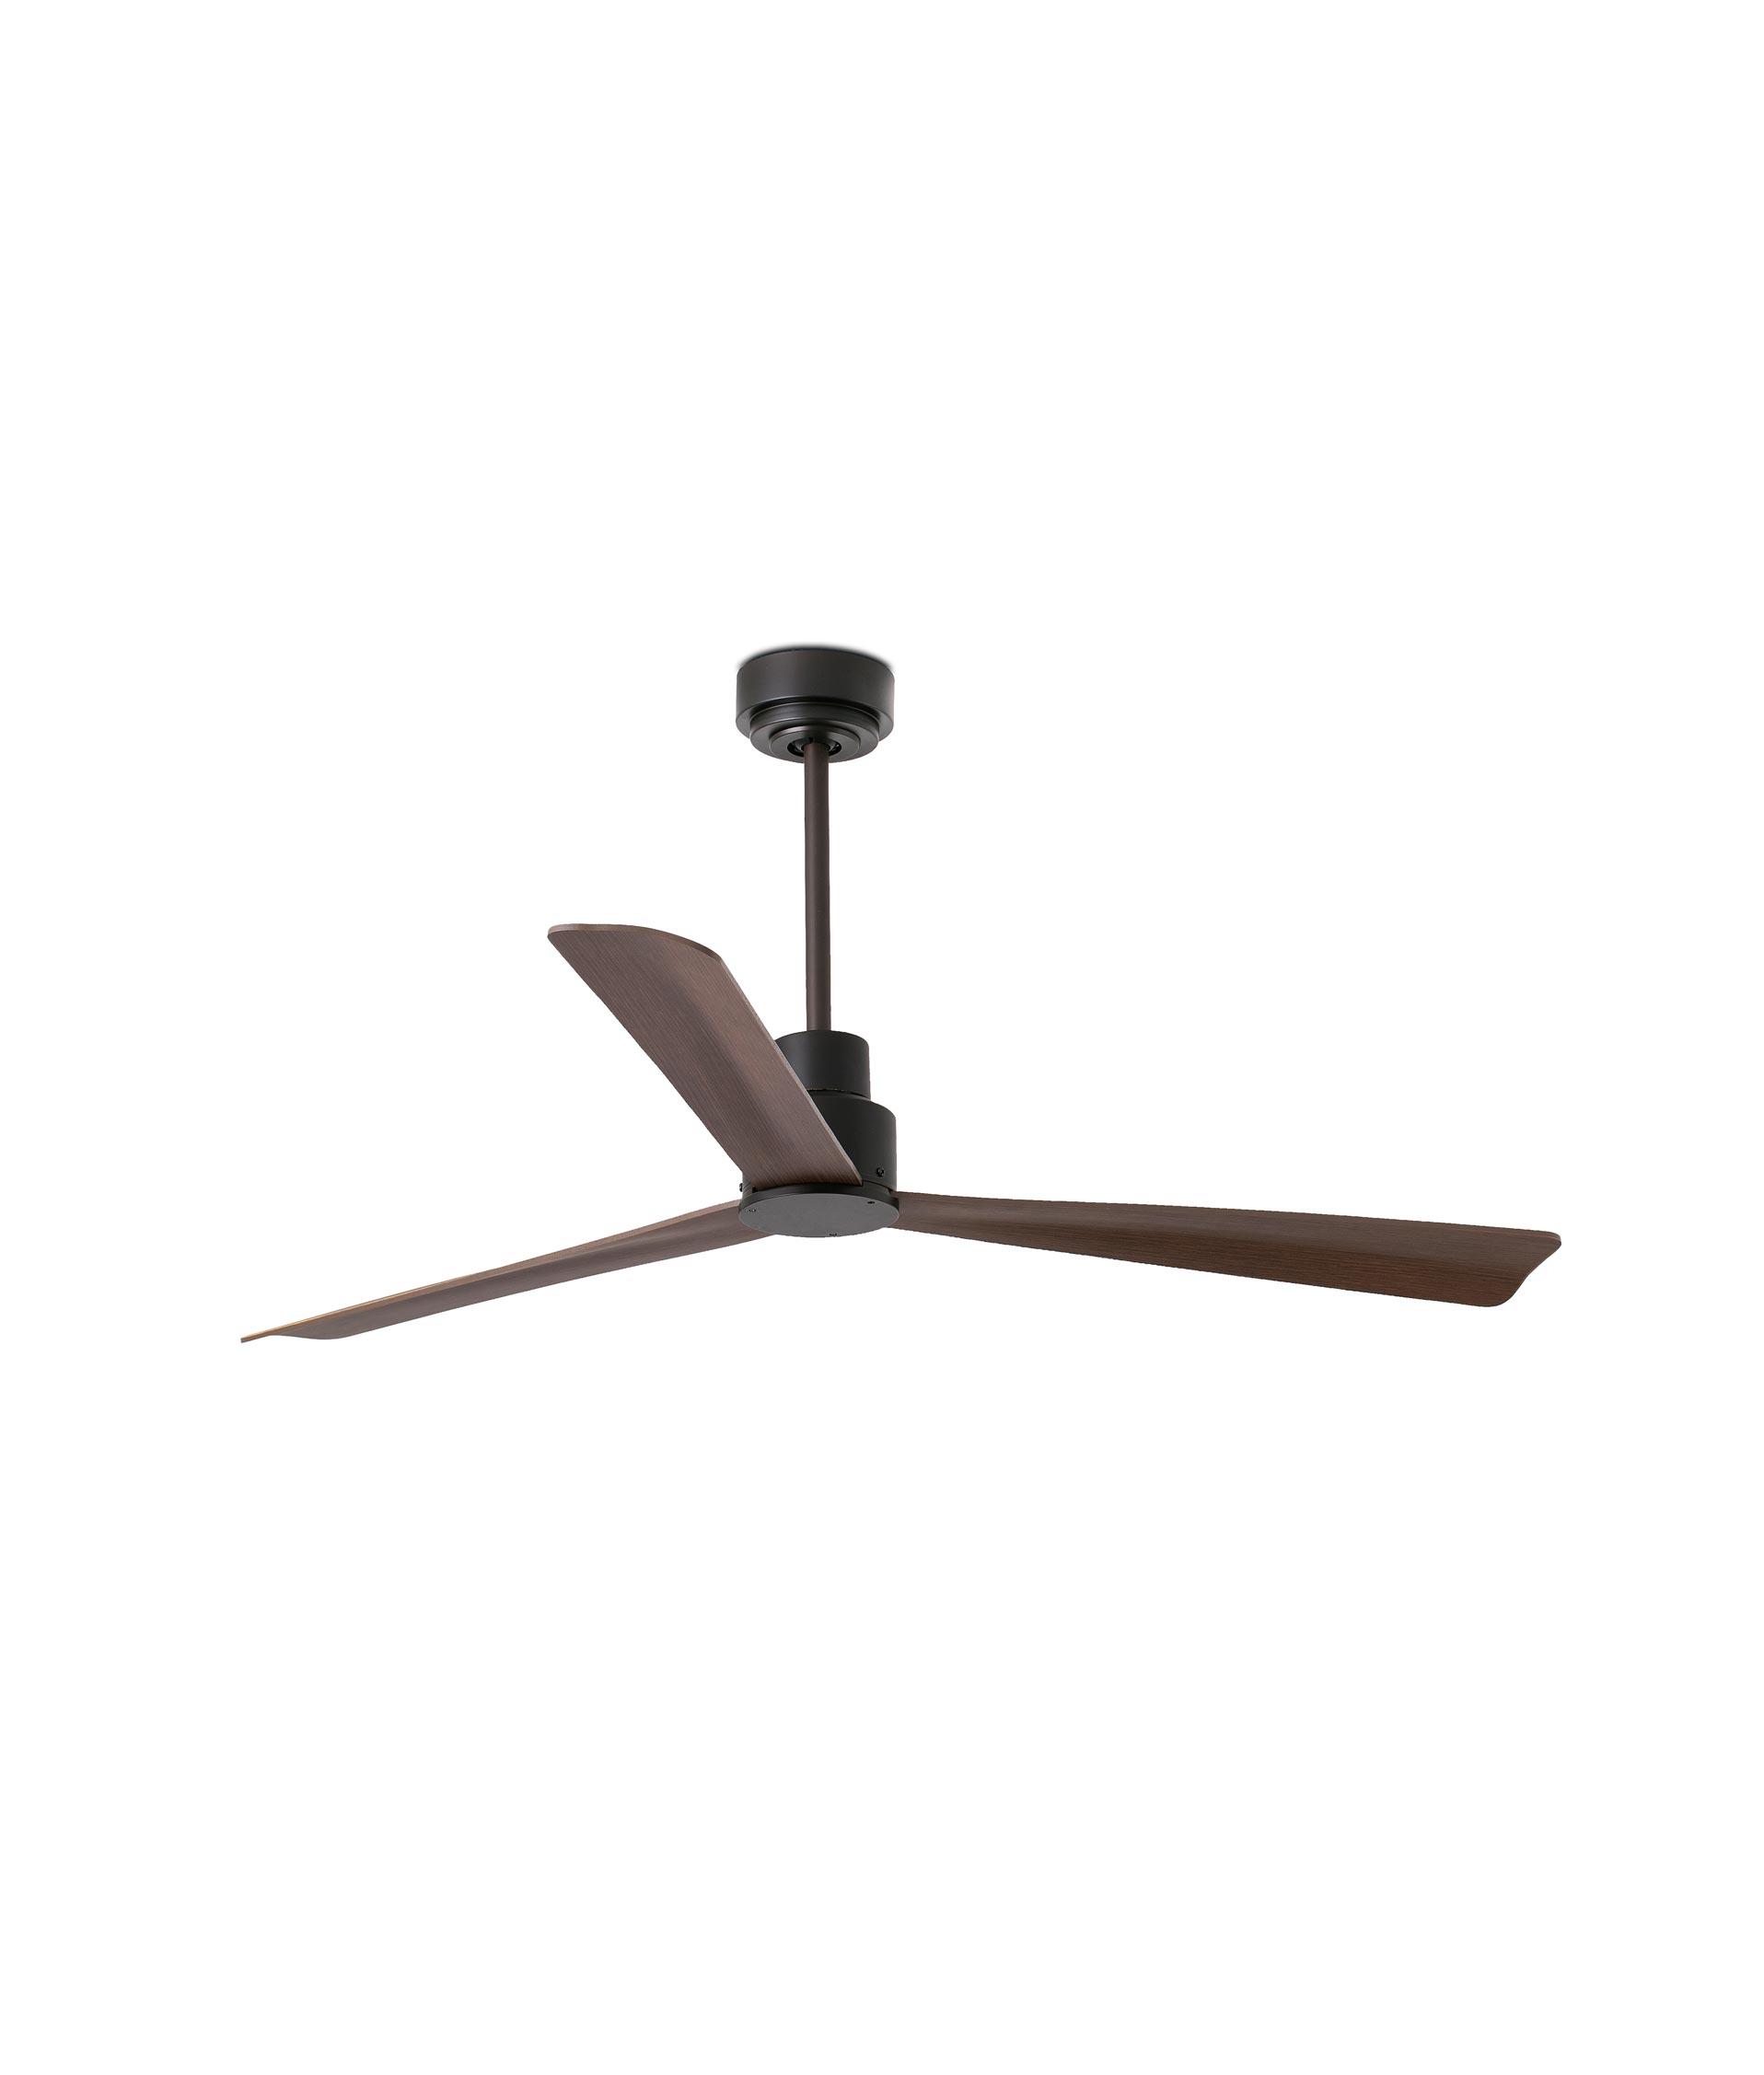 Ventilador de techo marrón NASSAU